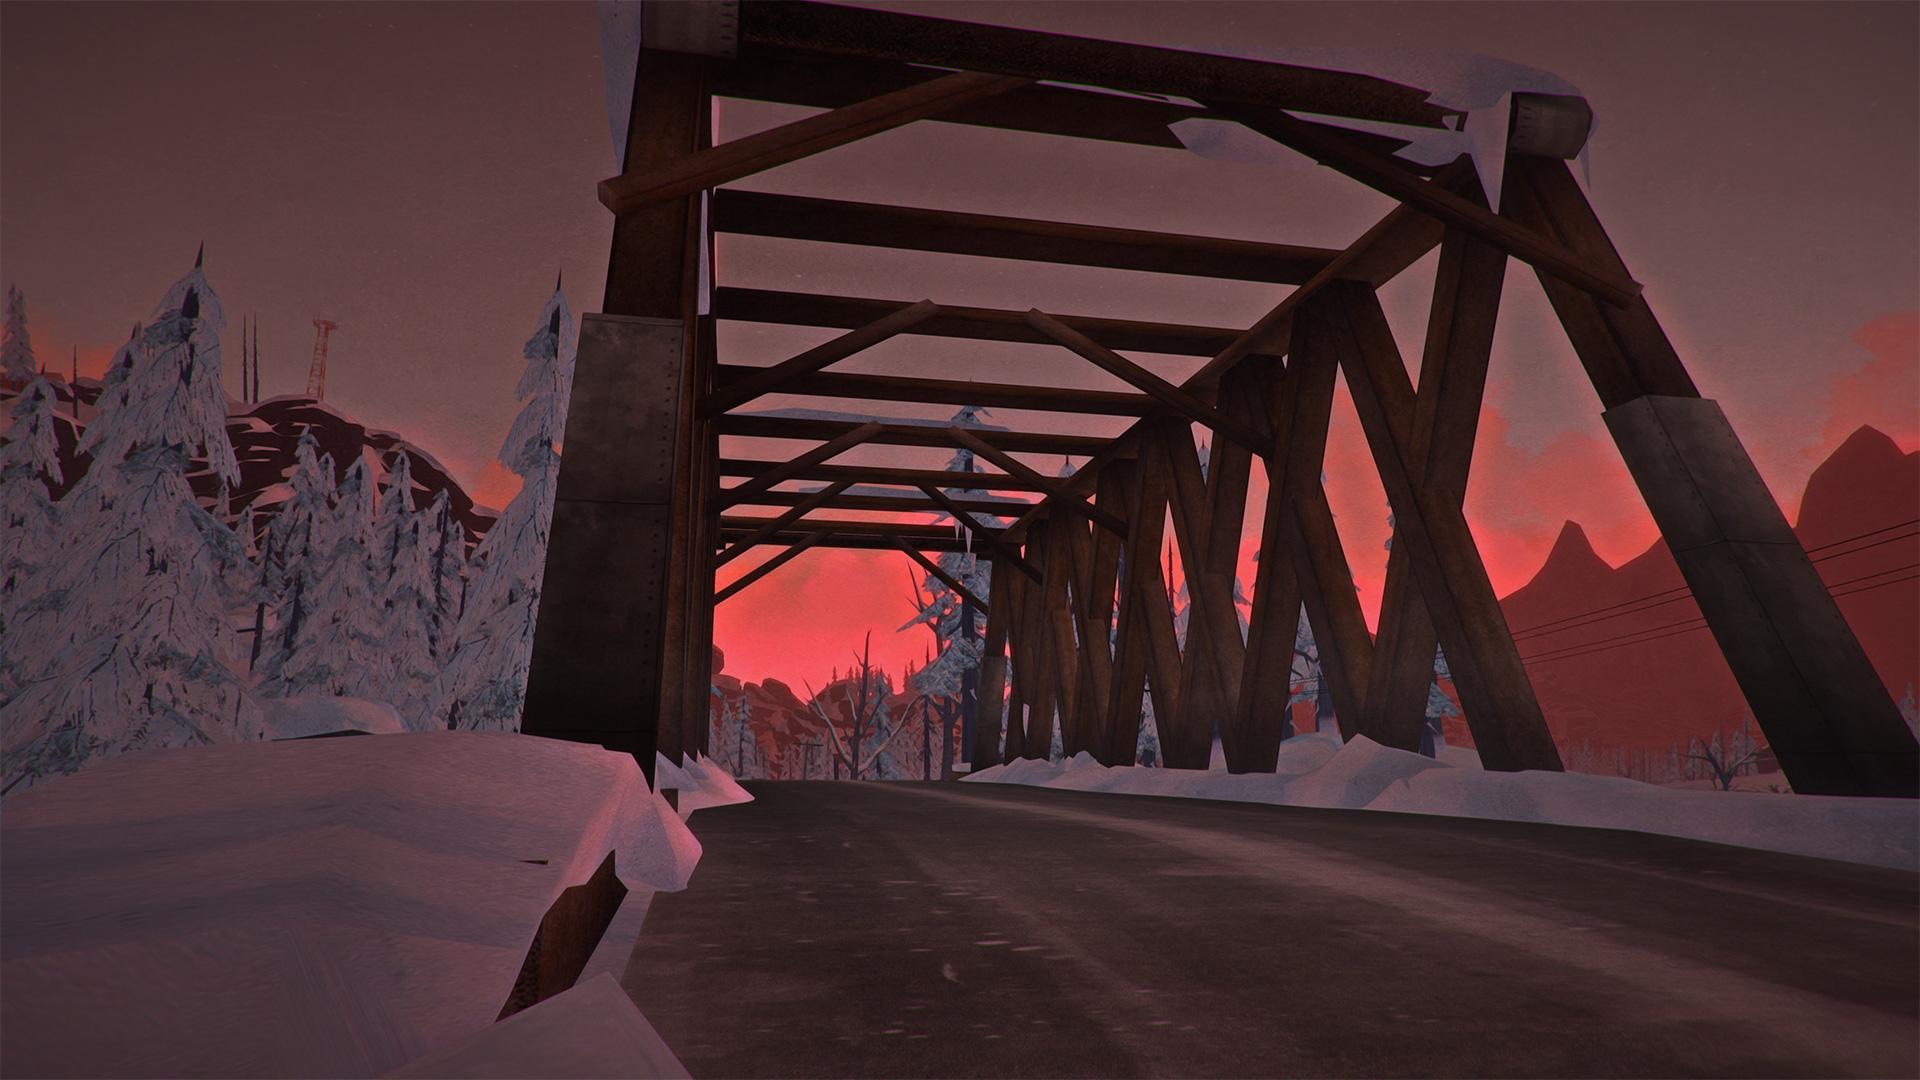 Heartbreak Bridge